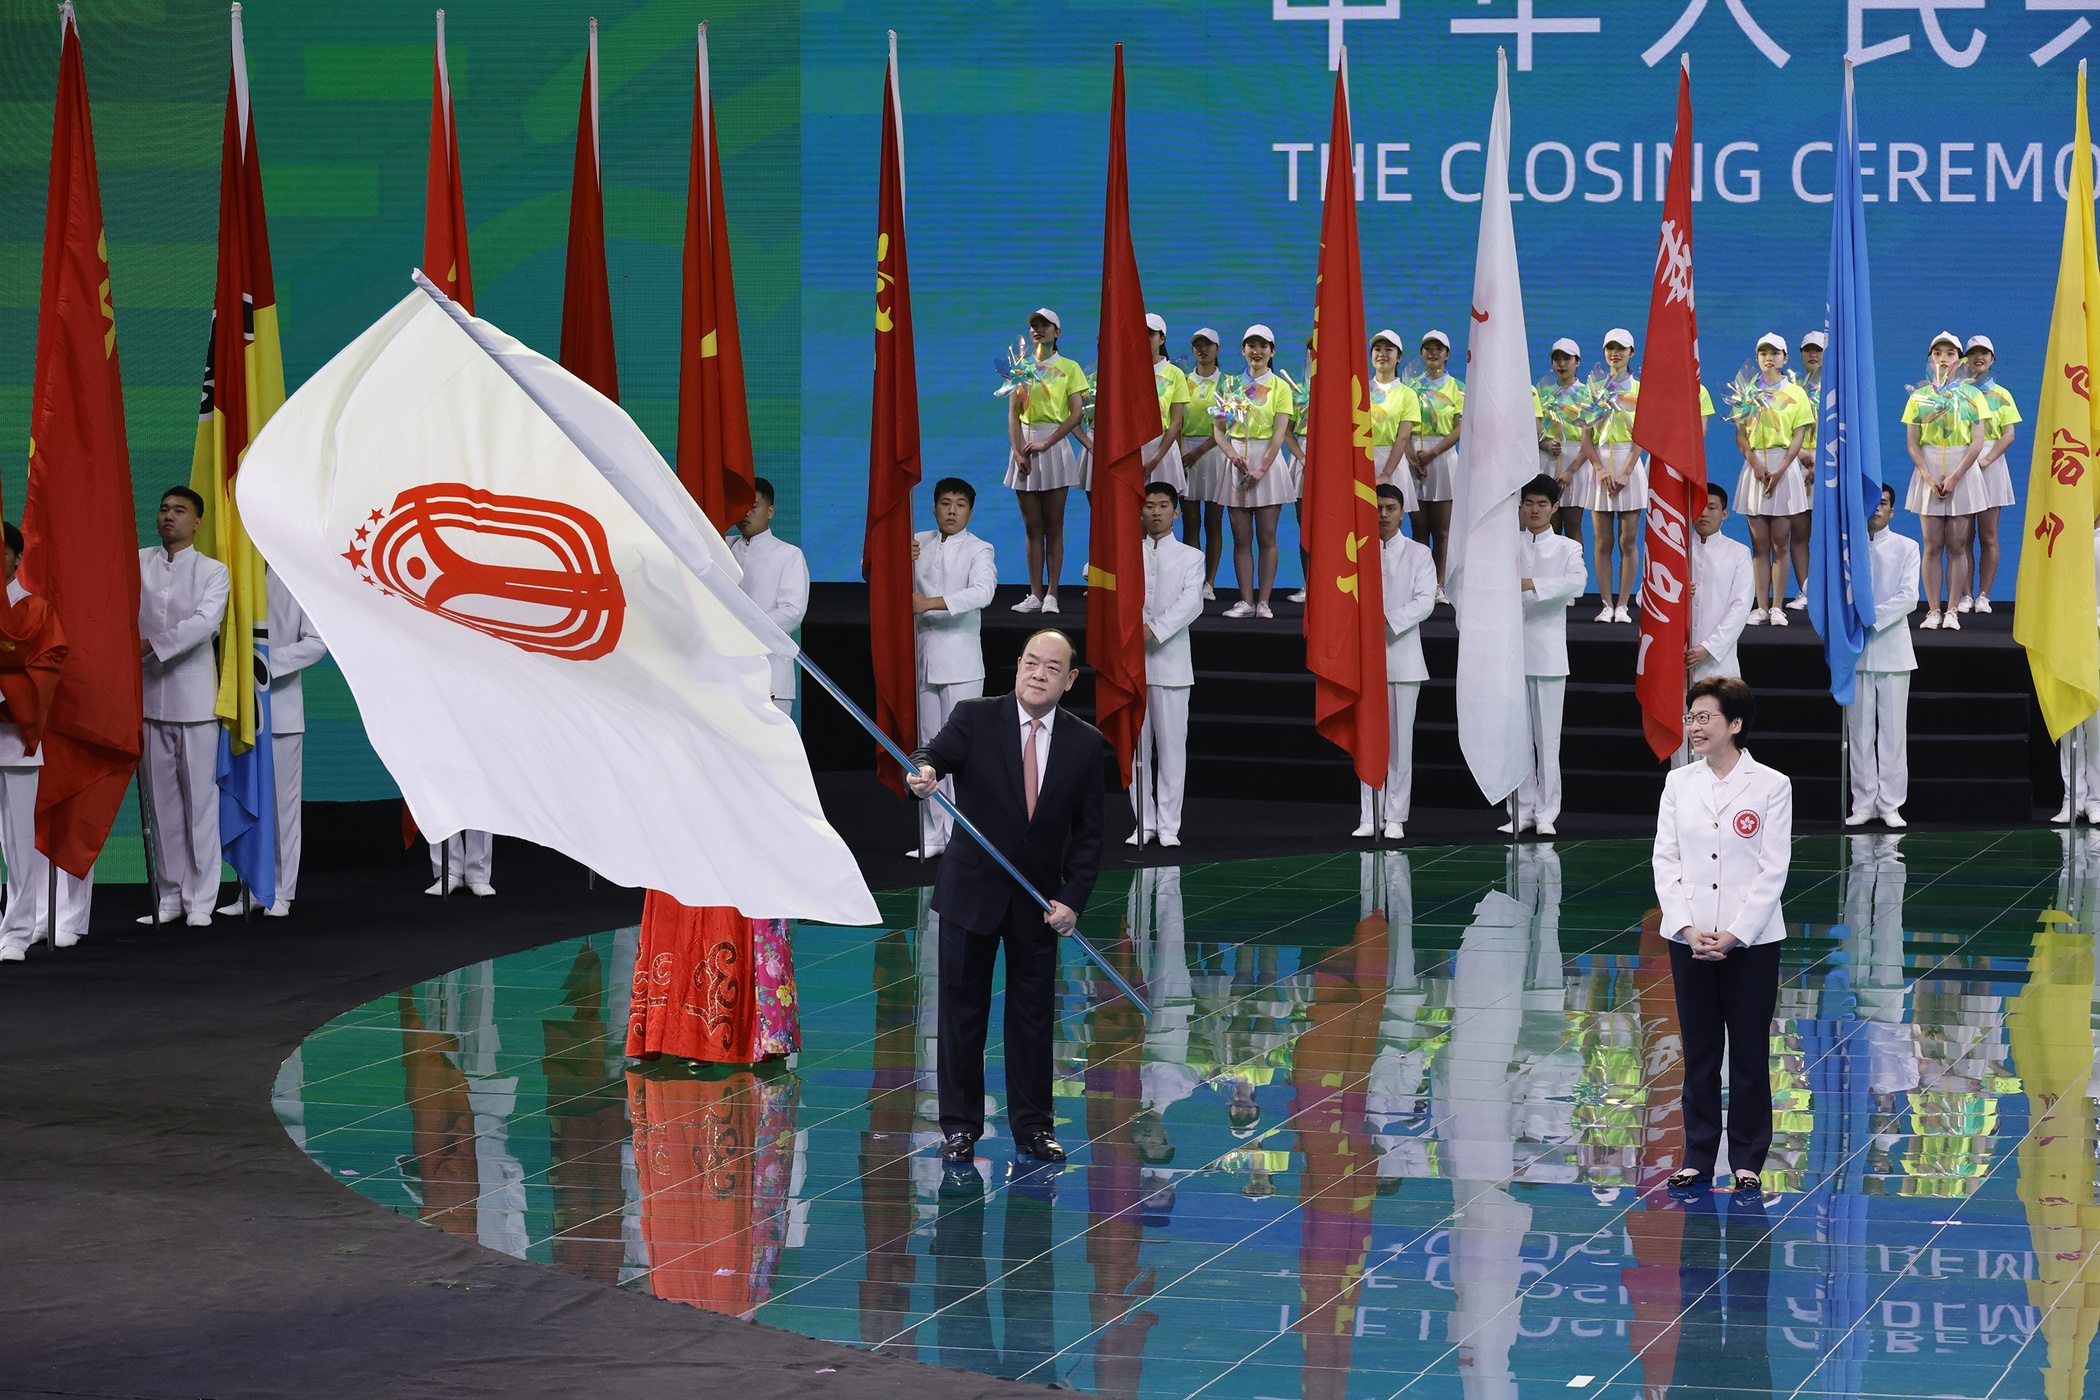 Ho Iat Seng at 14th National Games closing ceremony